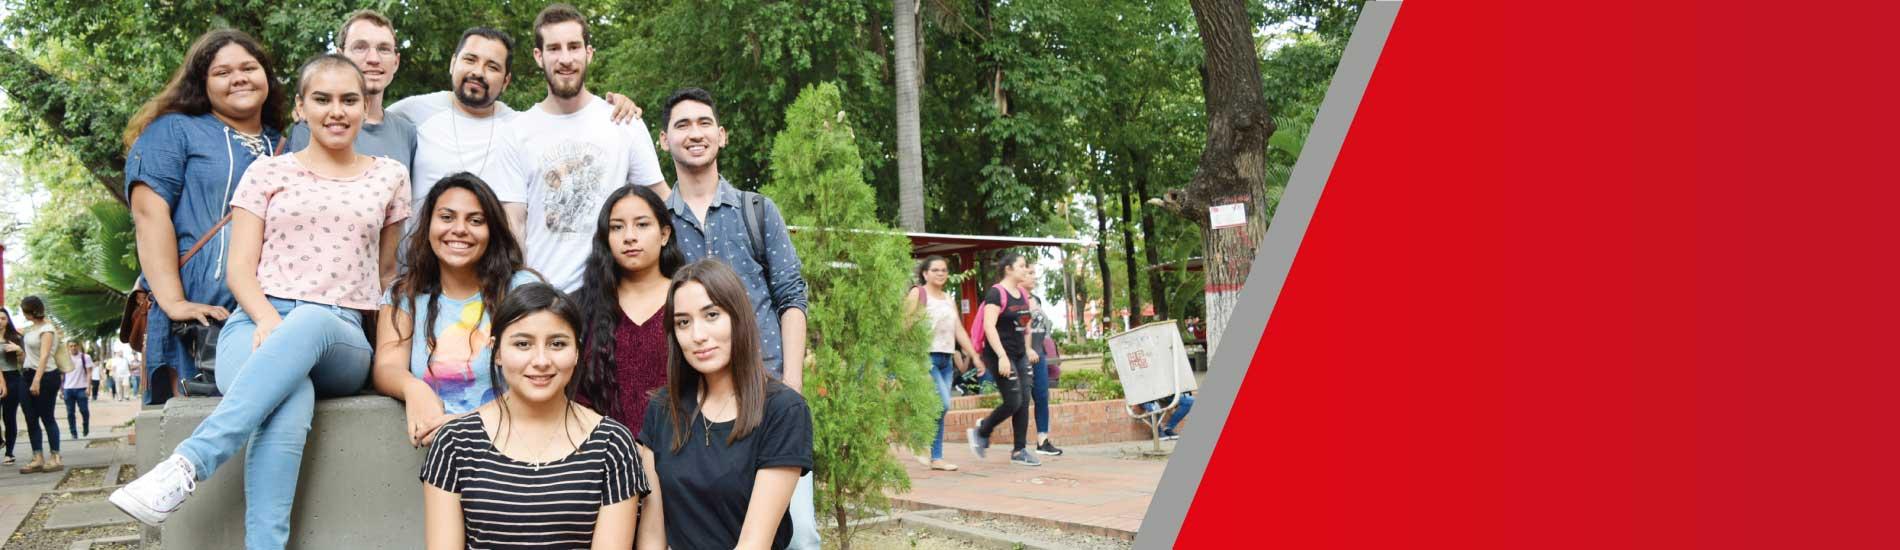 UFPS, destino académico y de intercambio cultural de 10 estudiantes extranjeros